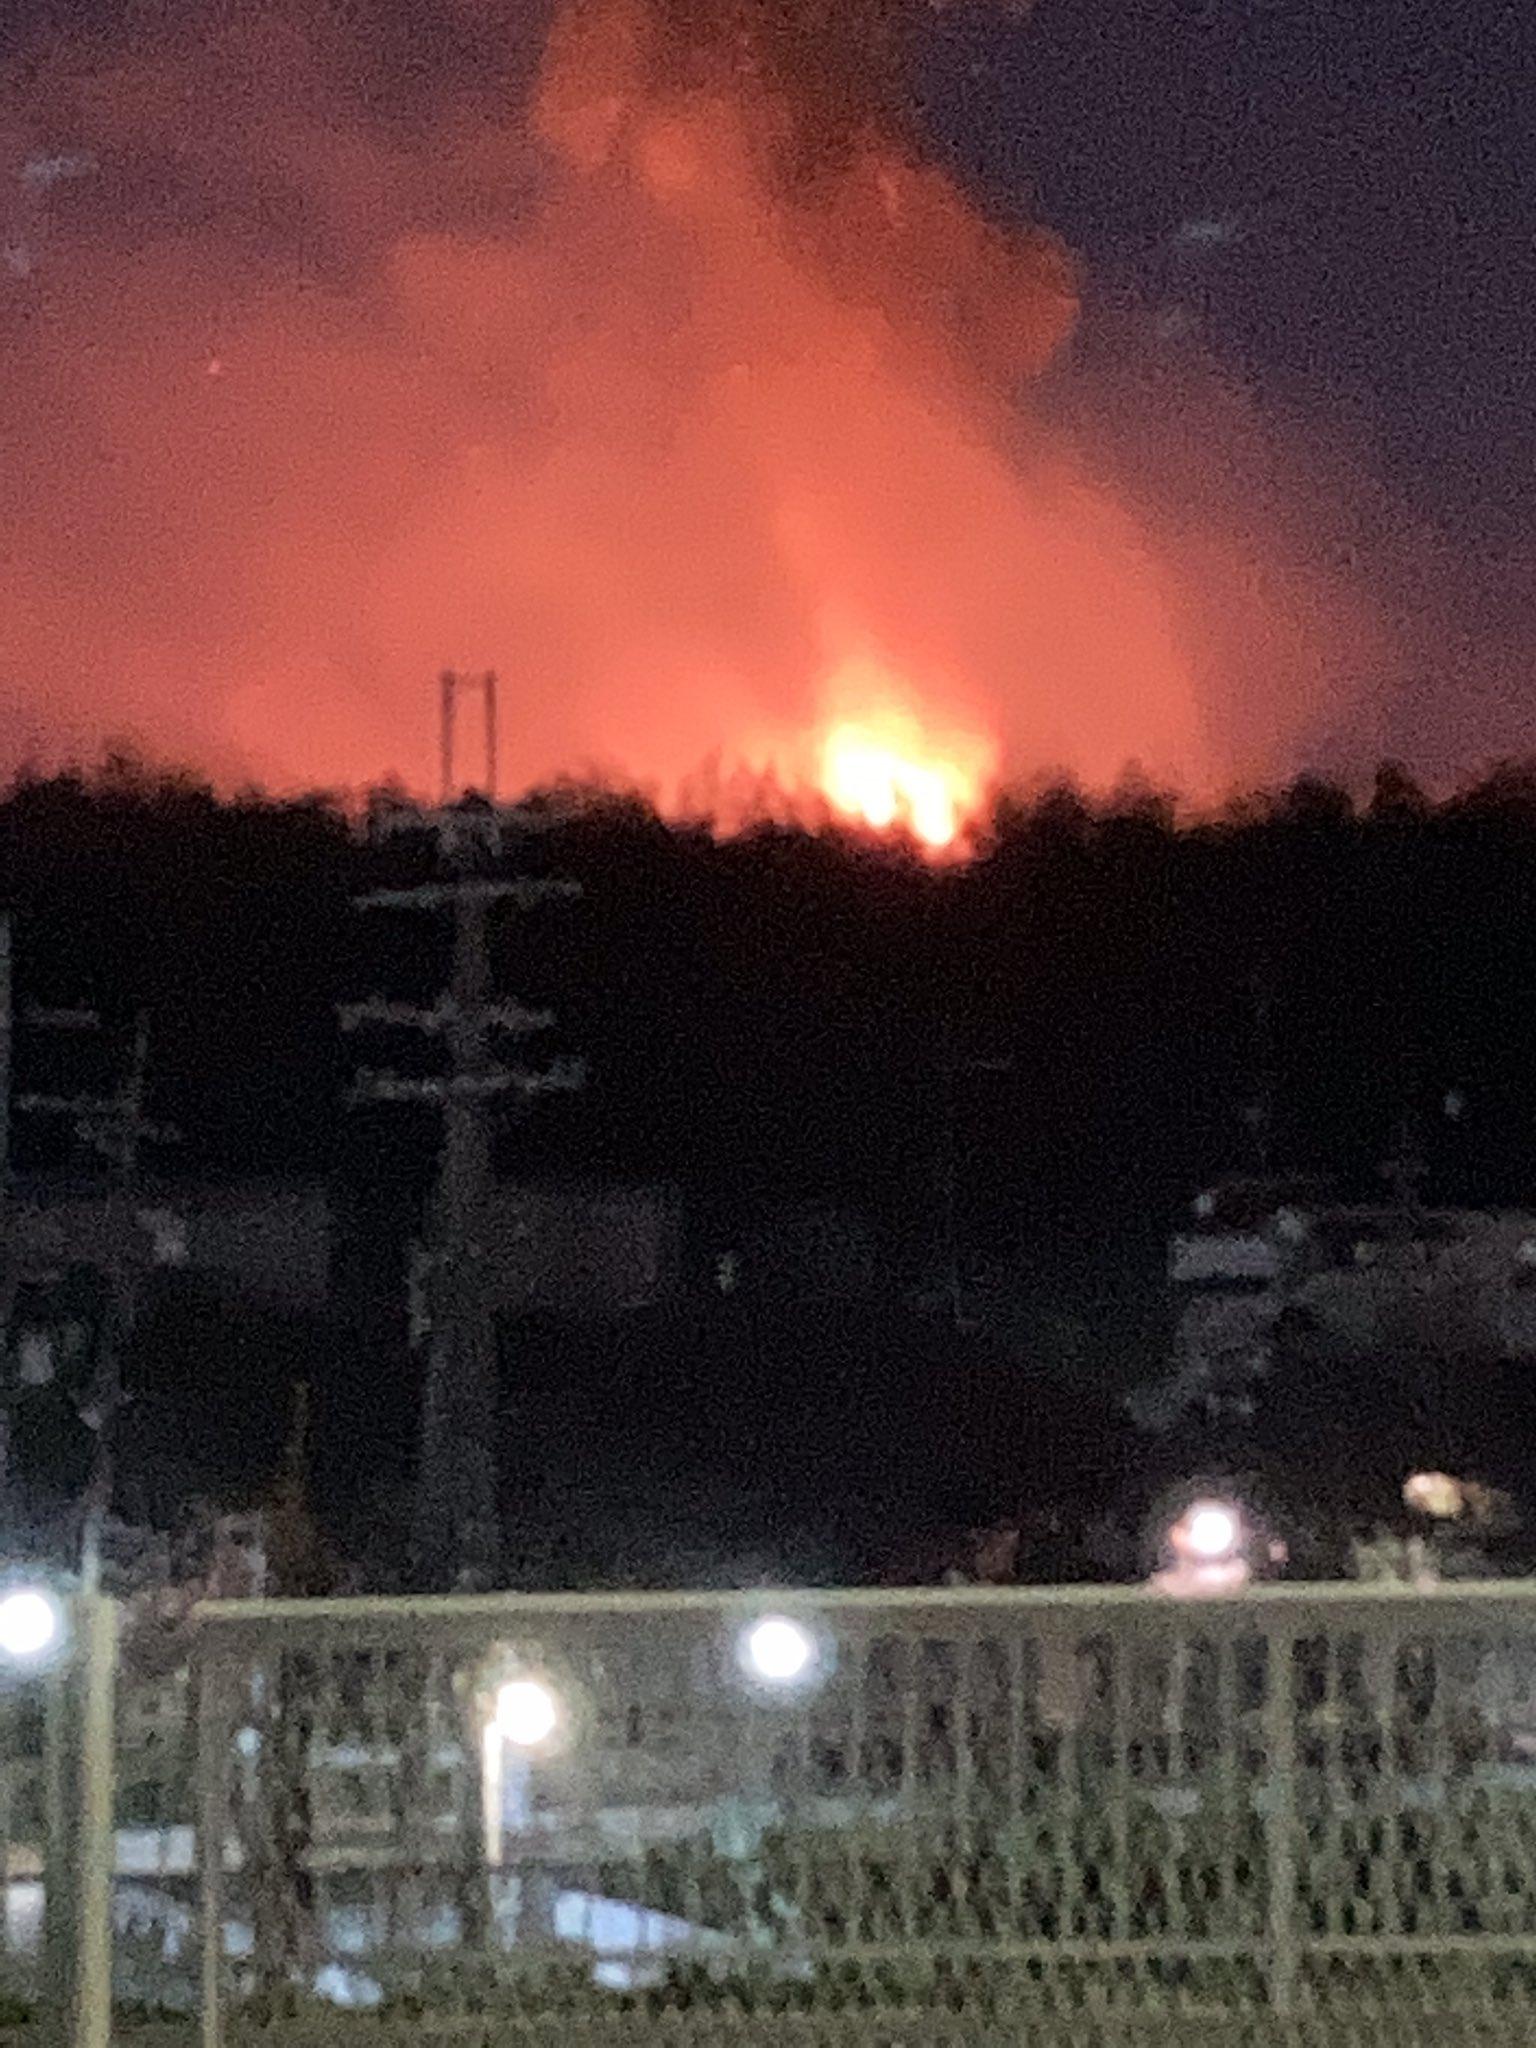 画像,桃山台火事#桃山台 #火事 https://t.co/Q7Tfp2UWoS。